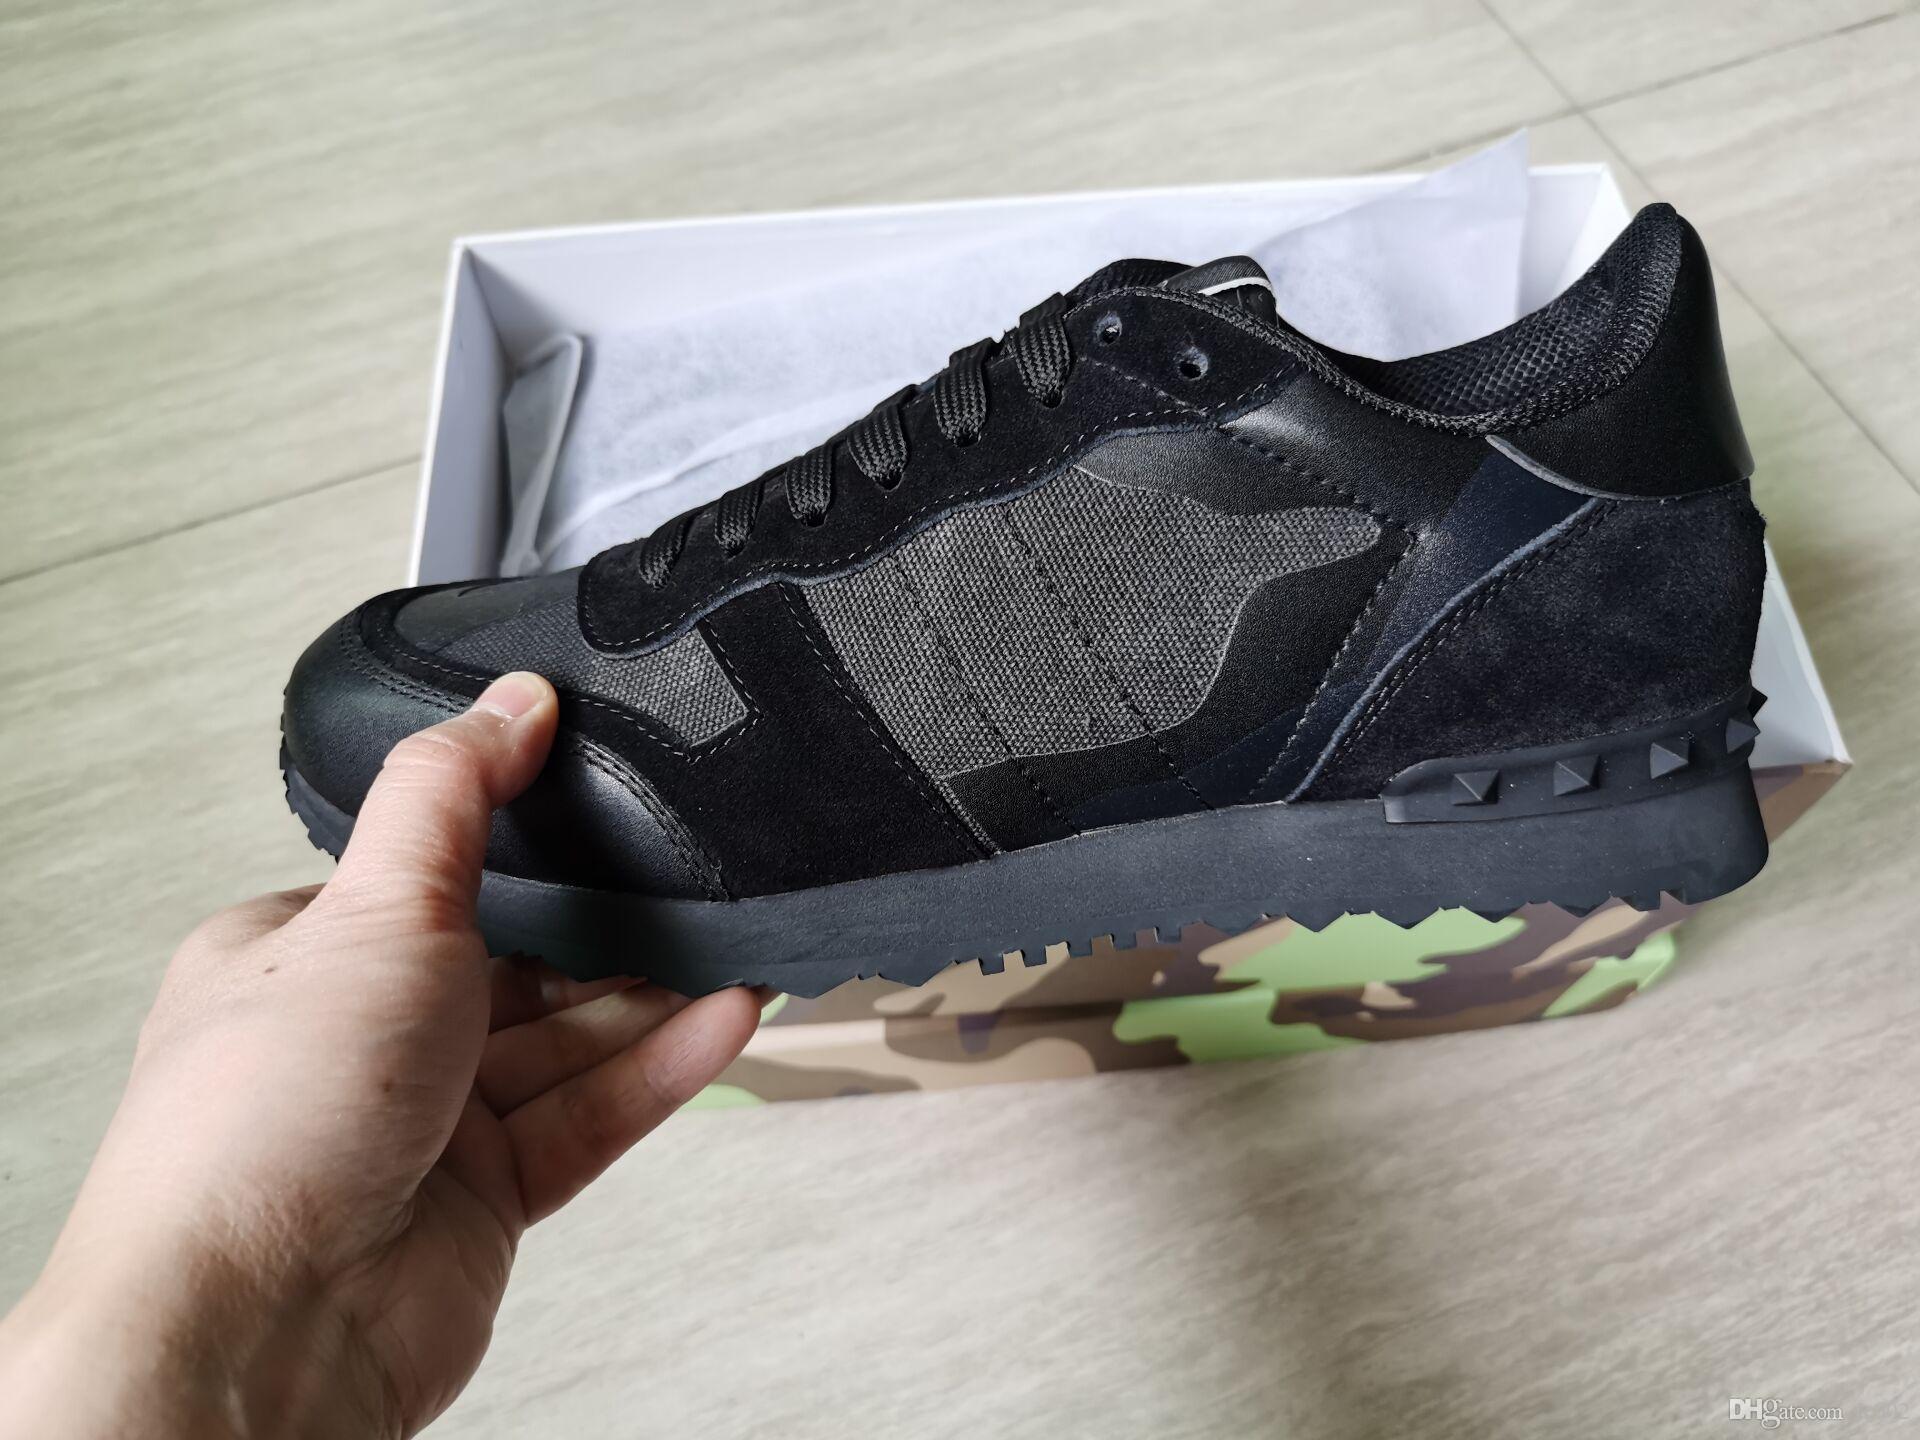 De calidad superior para mujer para hombre de cuero real de la estrella del rock Runner Zapatos del camuflaje zapatillas de deporte con tachuelas Rockrunner Formadores recorrer ocasional de las zapatillas de deporte